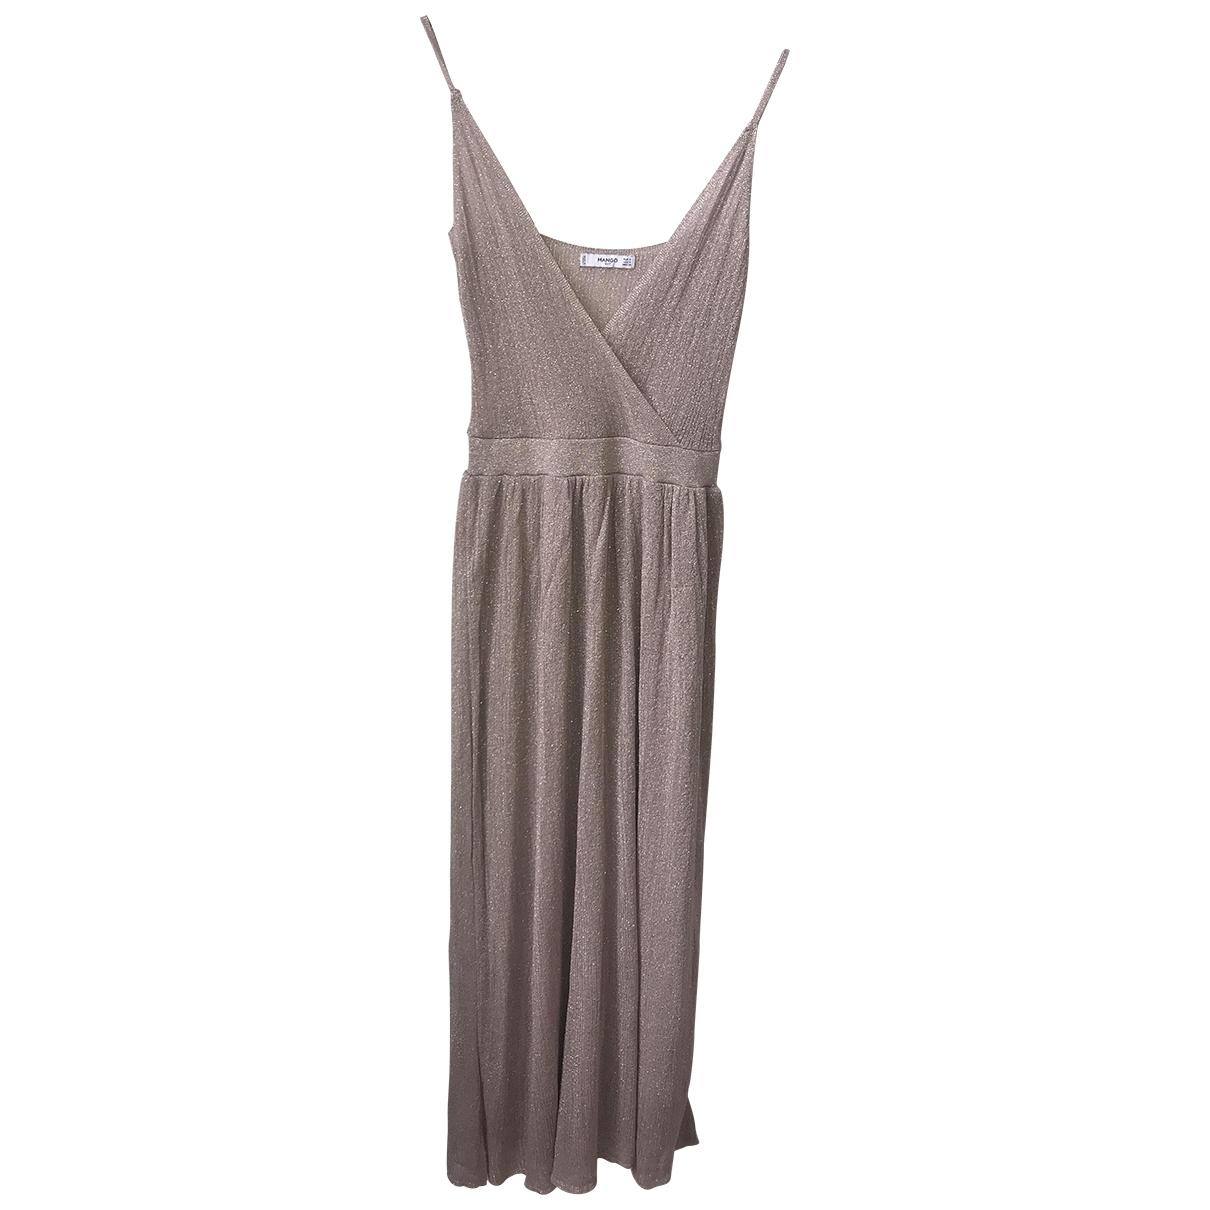 Mango \N Beige dress for Women S International